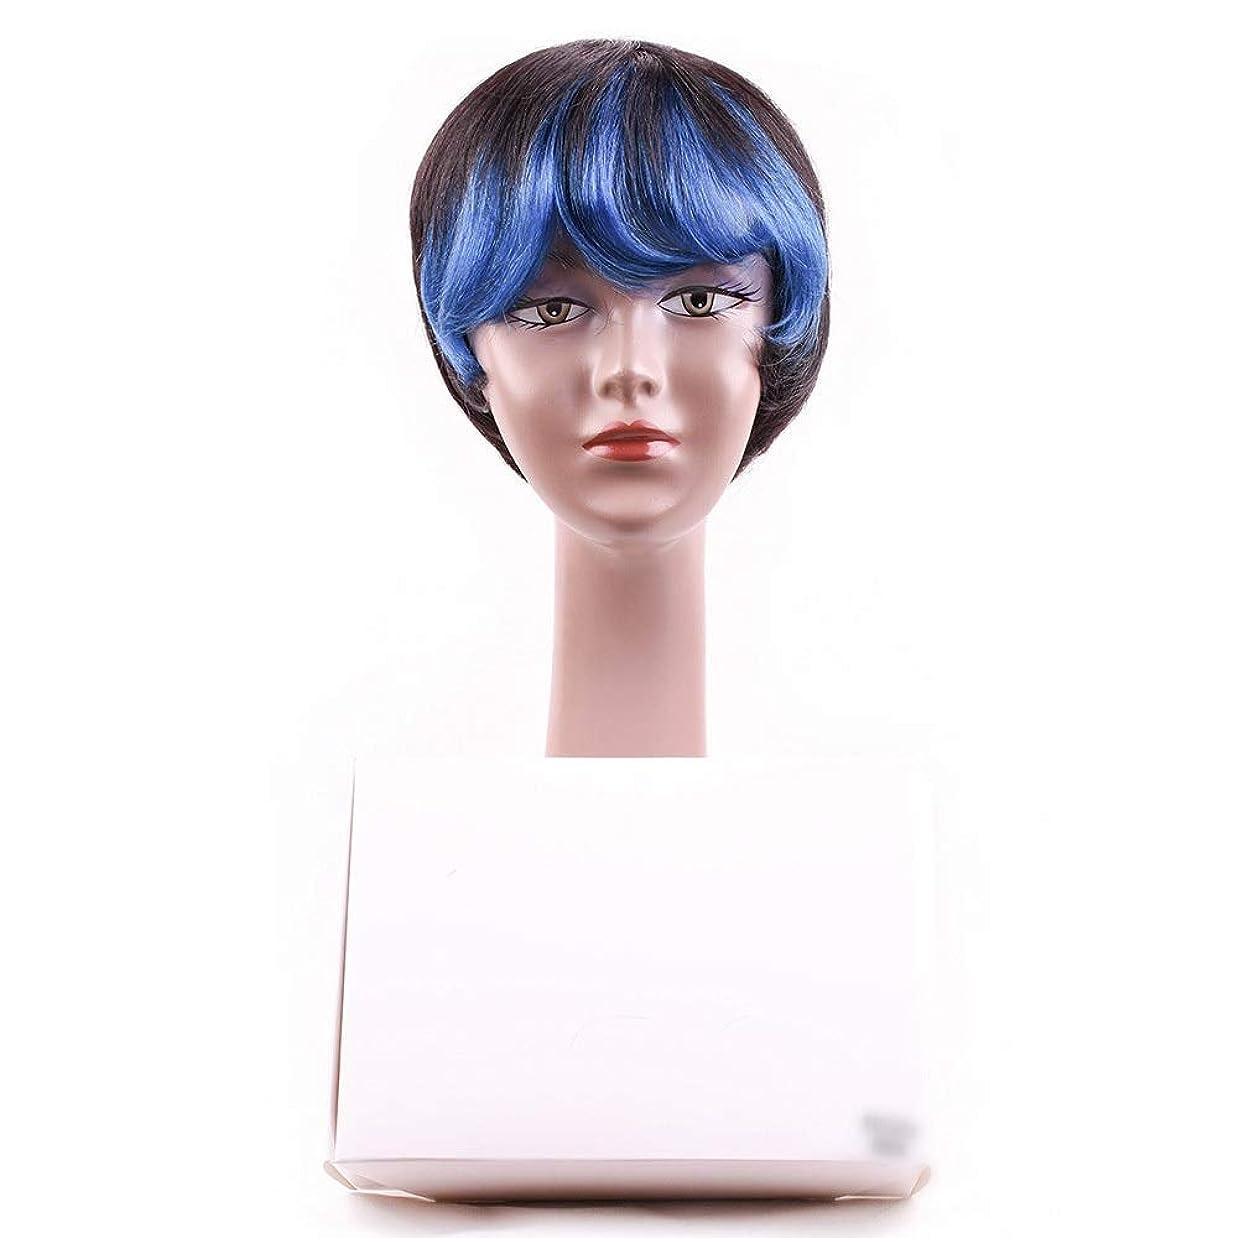 牽引発言する犯人YAHONGOE 女性の人間の髪の毛ショートボブかつら前髪付きかつらコスプレパーティーかつらロールプレイングかつら女性用かつら (色 : 青)